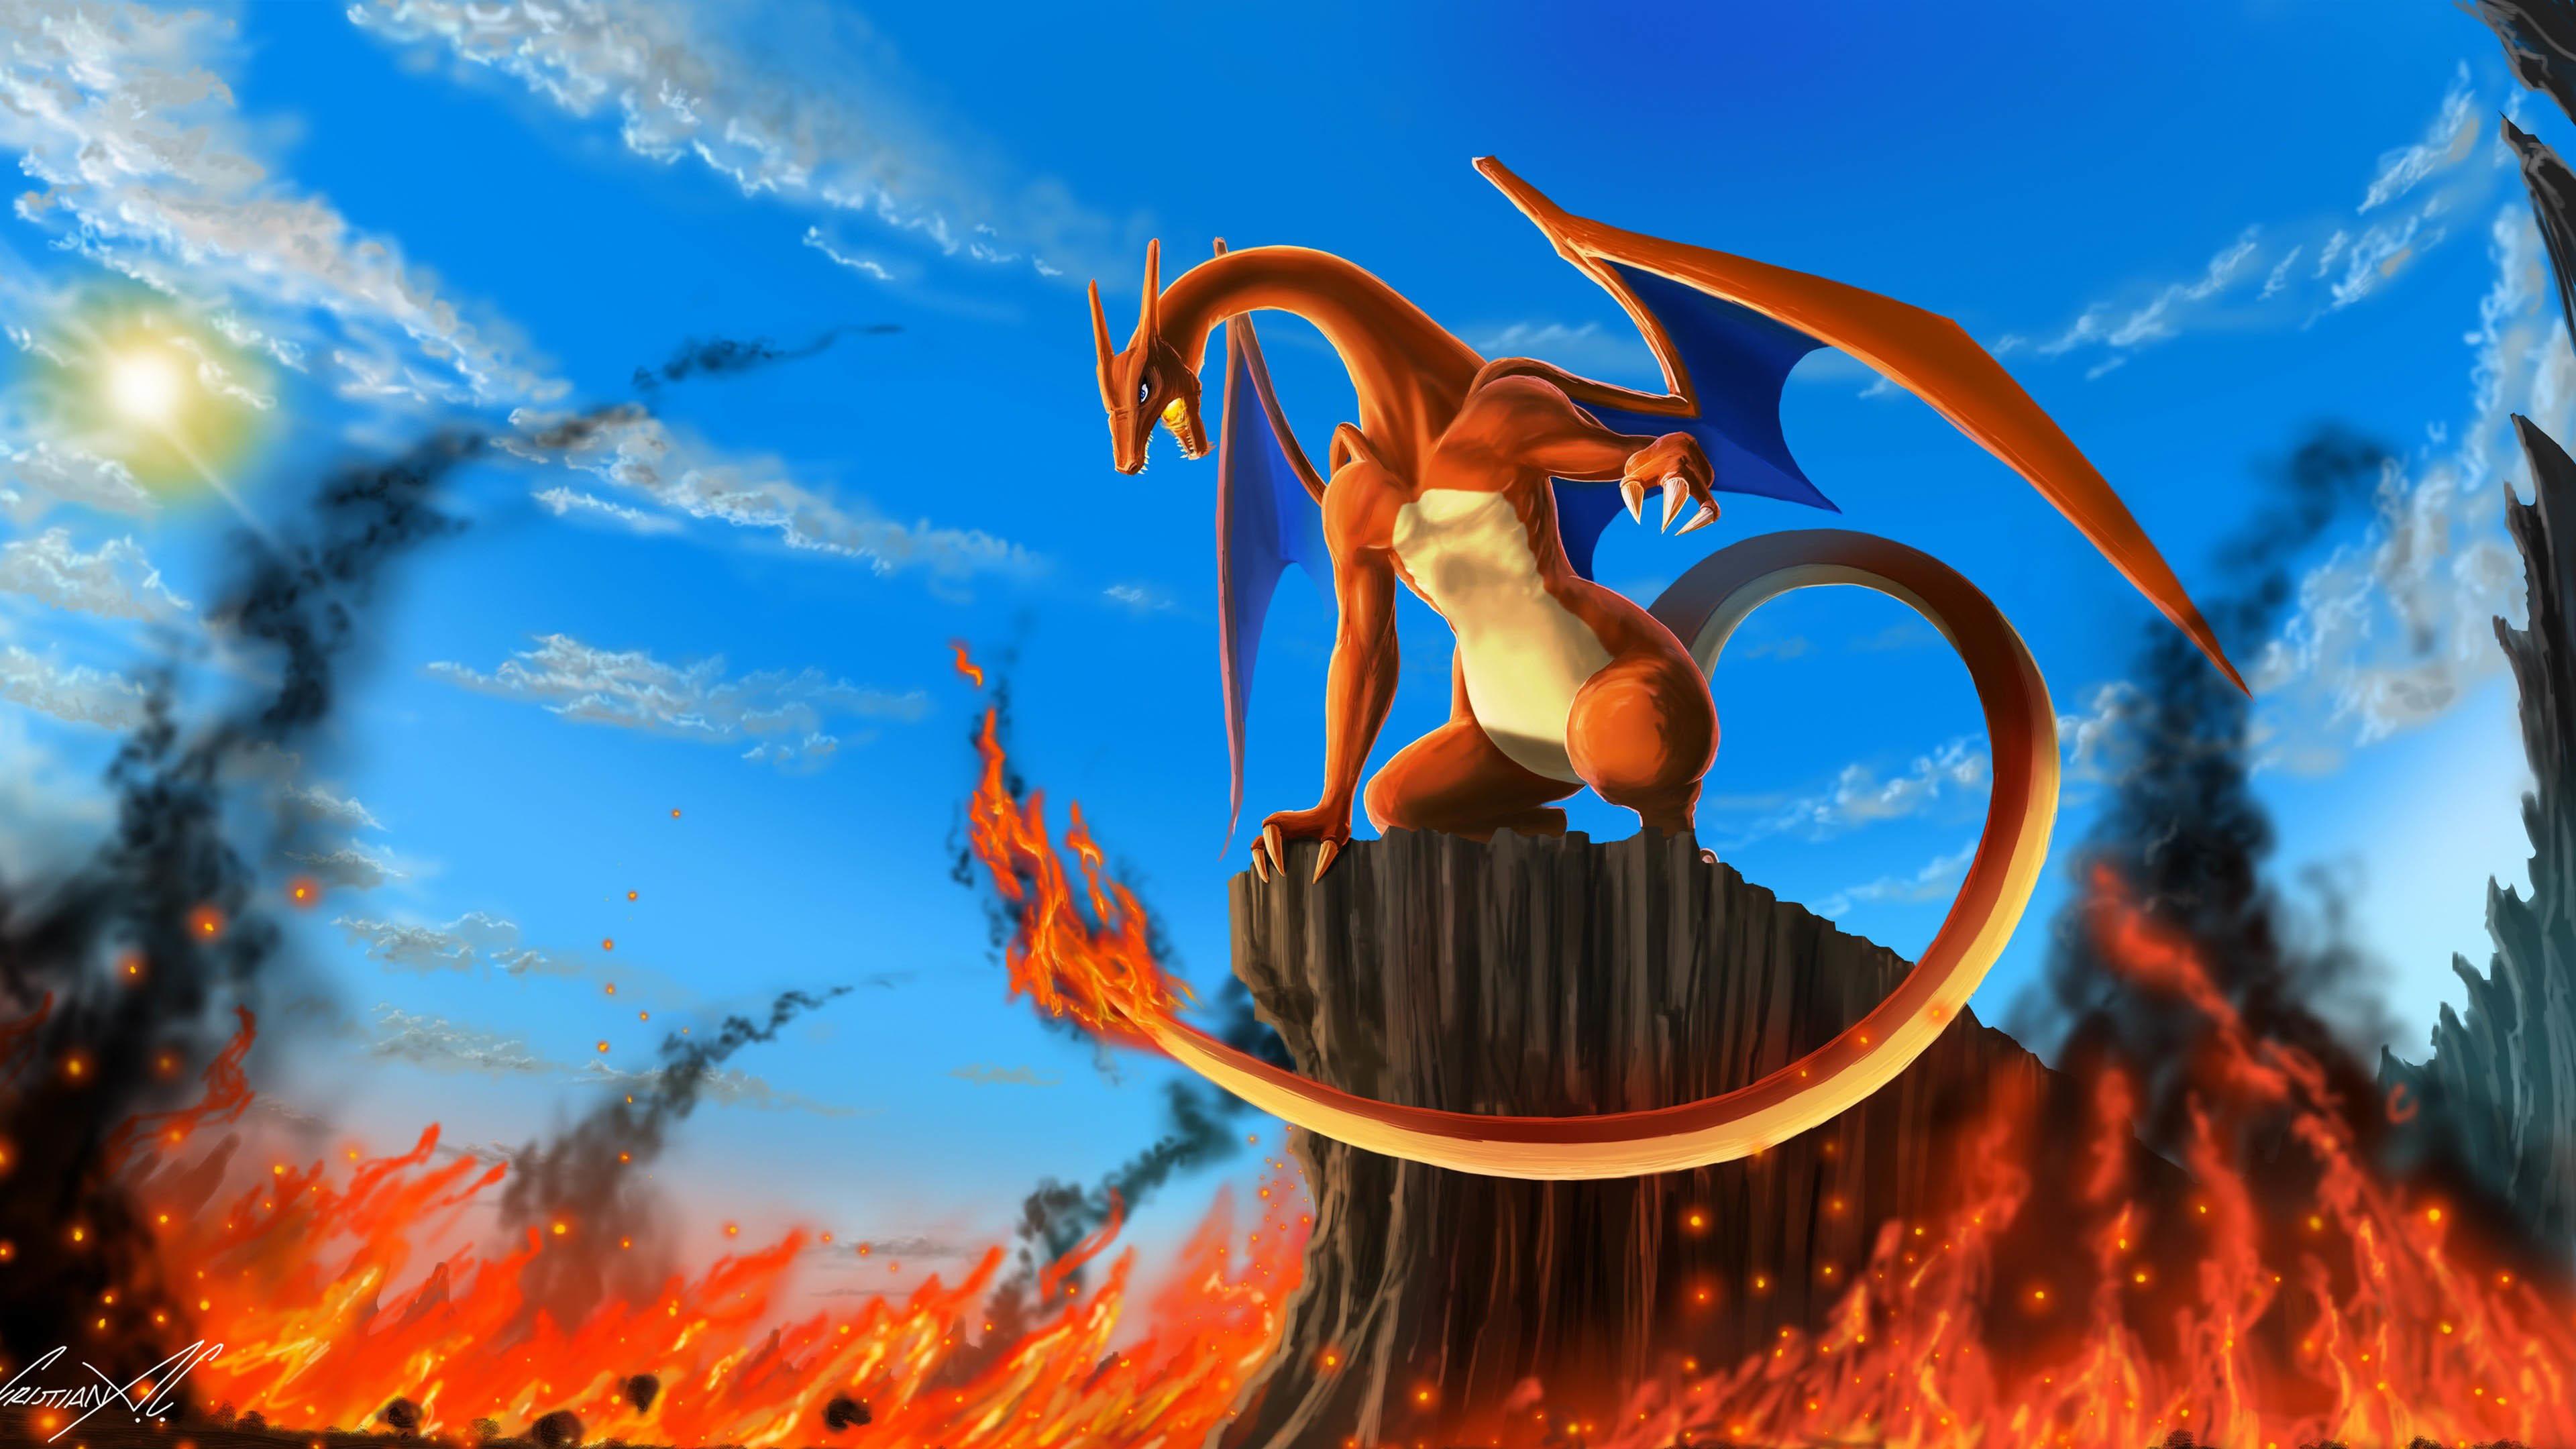 Charizard Pokémon wallpaper